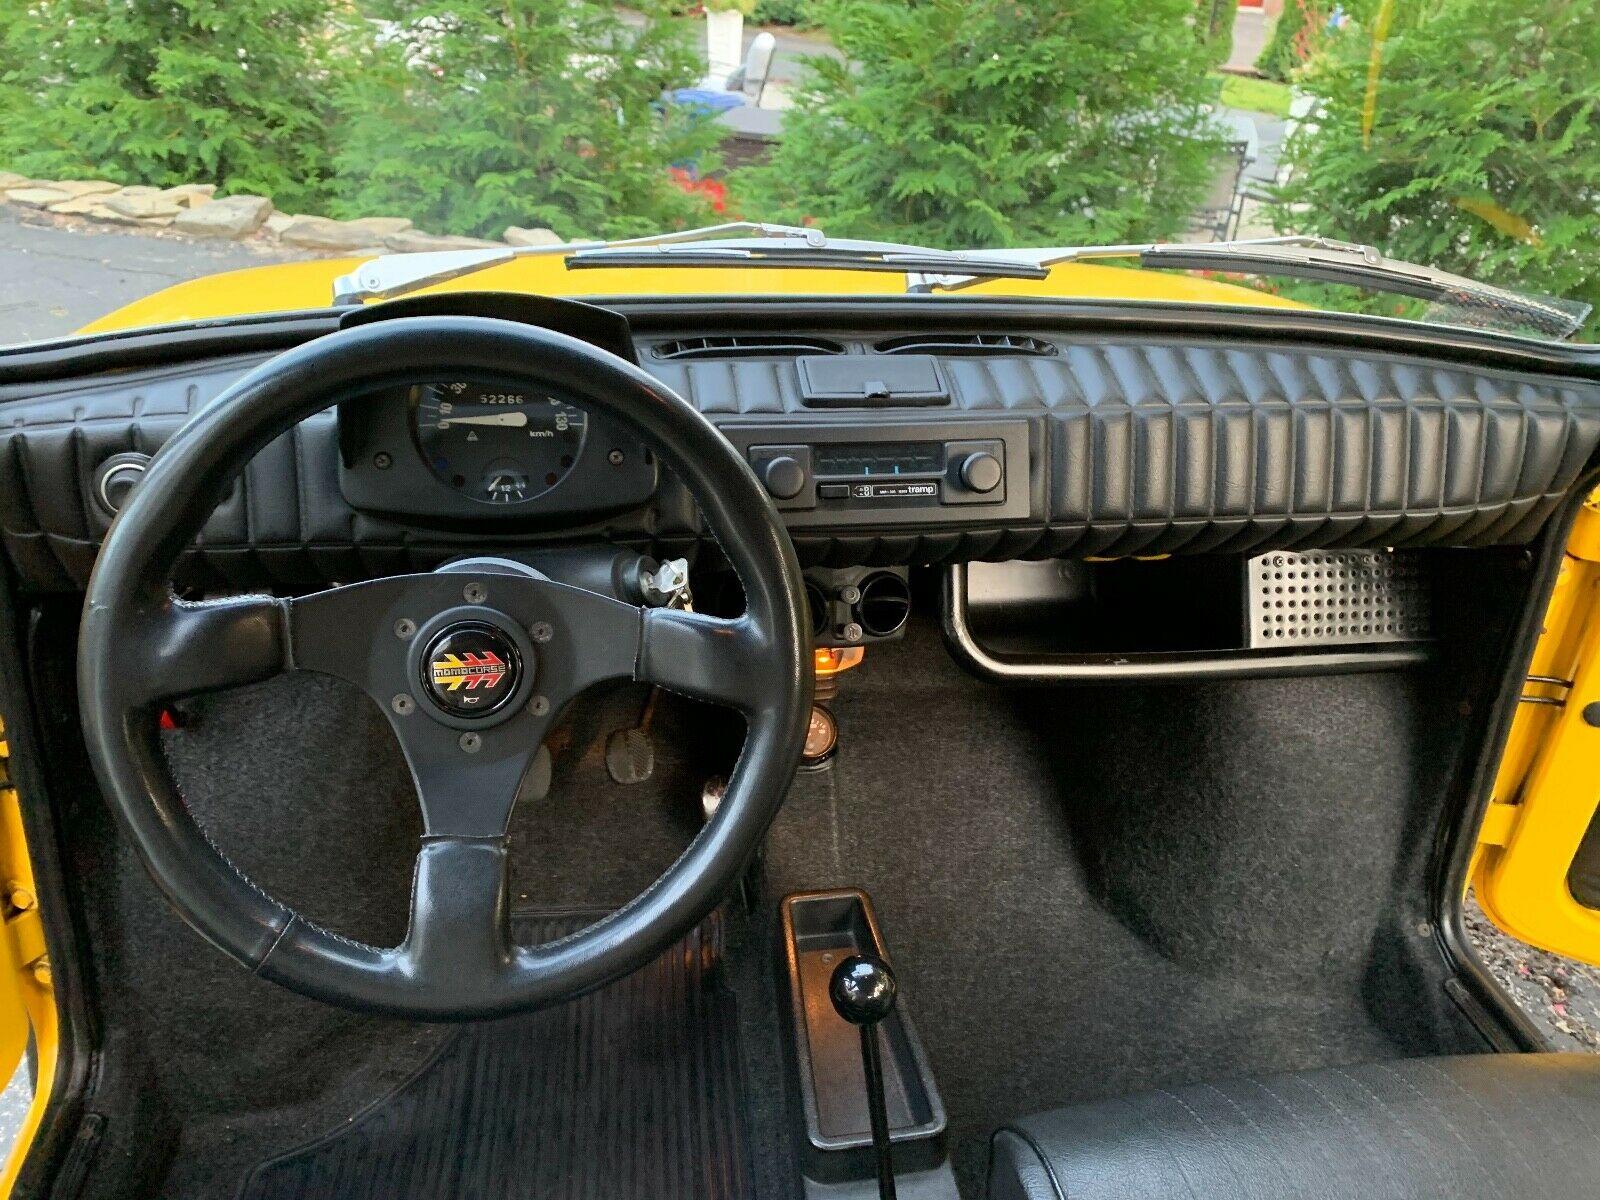 1976 Fiat 126 P interior